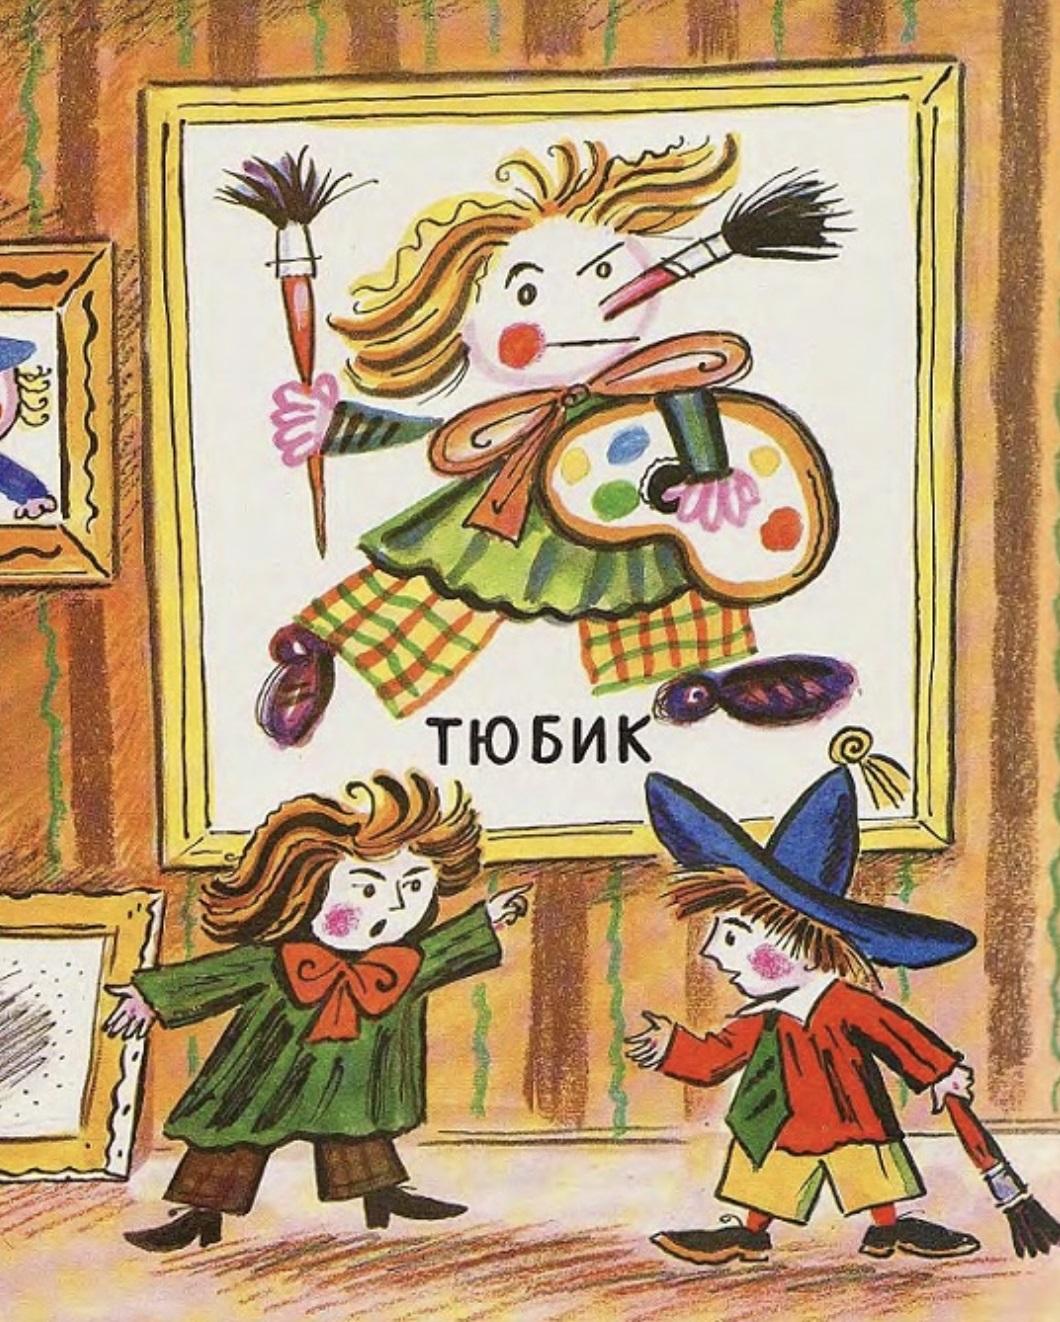 Эскиз иллюстрации «Как Незнайка был художником» ккниге Н. Носова / Калаушин Б.М.